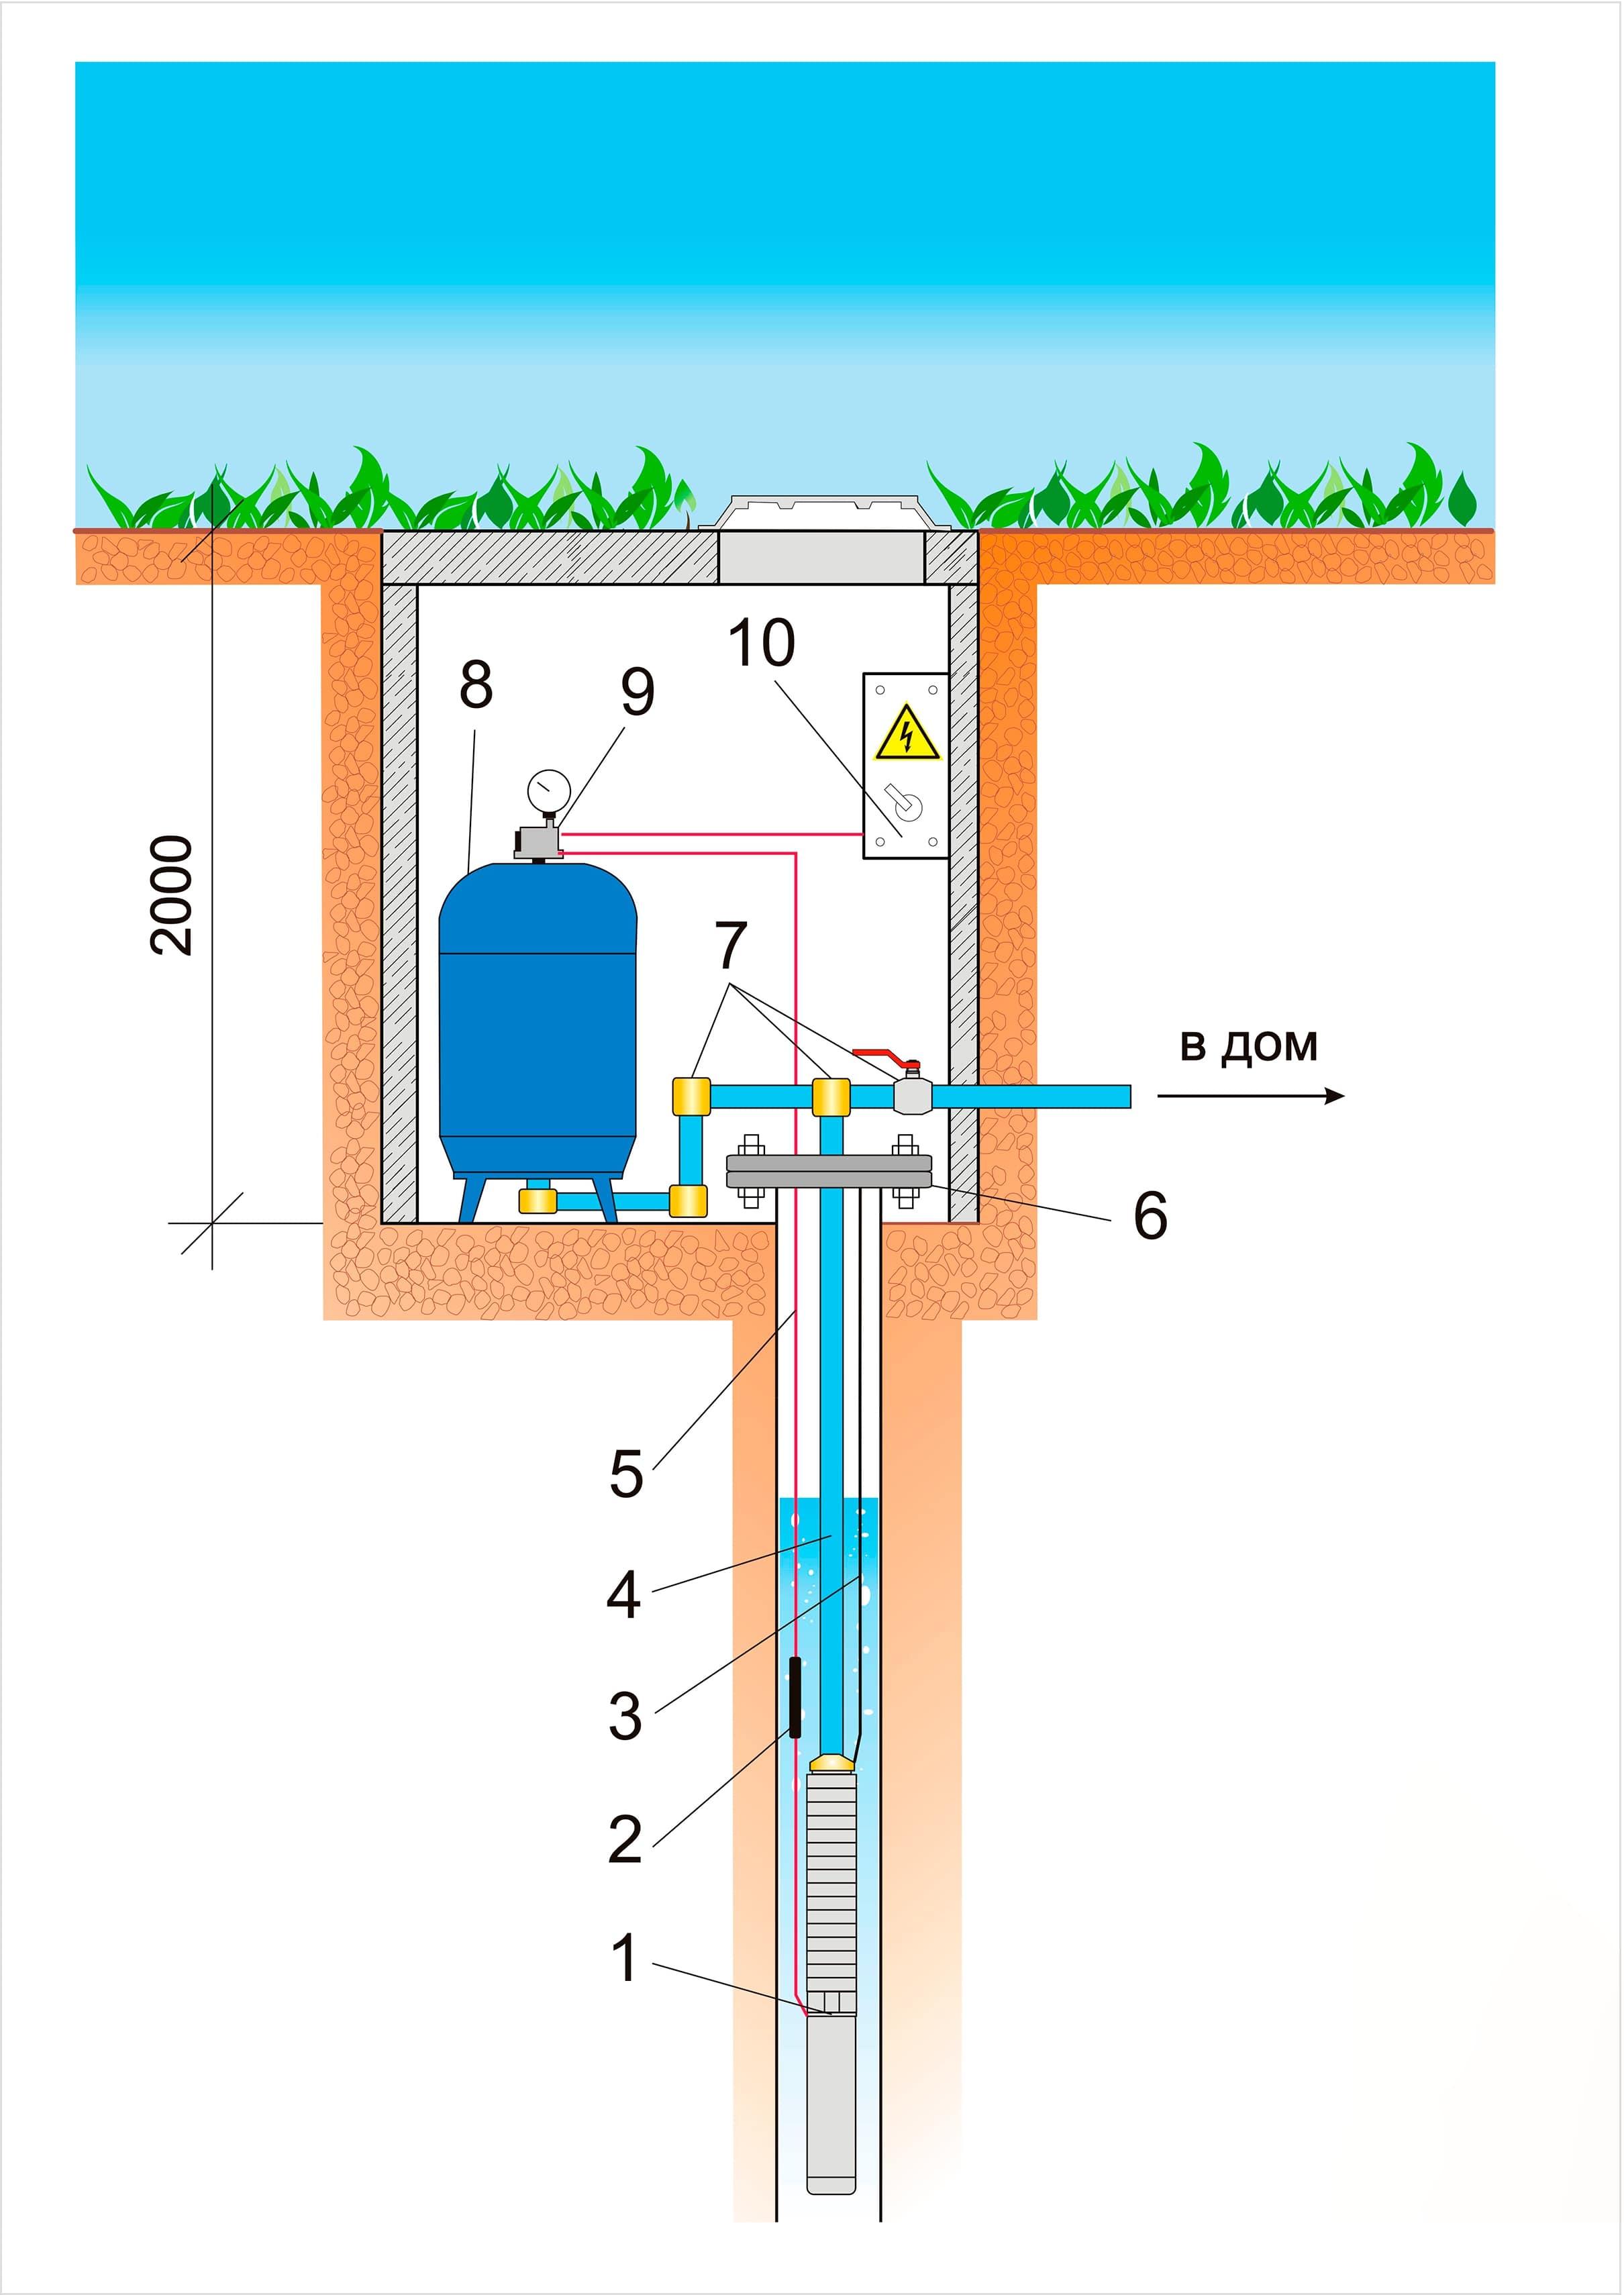 Как сделать ввод воды в дом из скважины - инструкция по монтажу своими руками